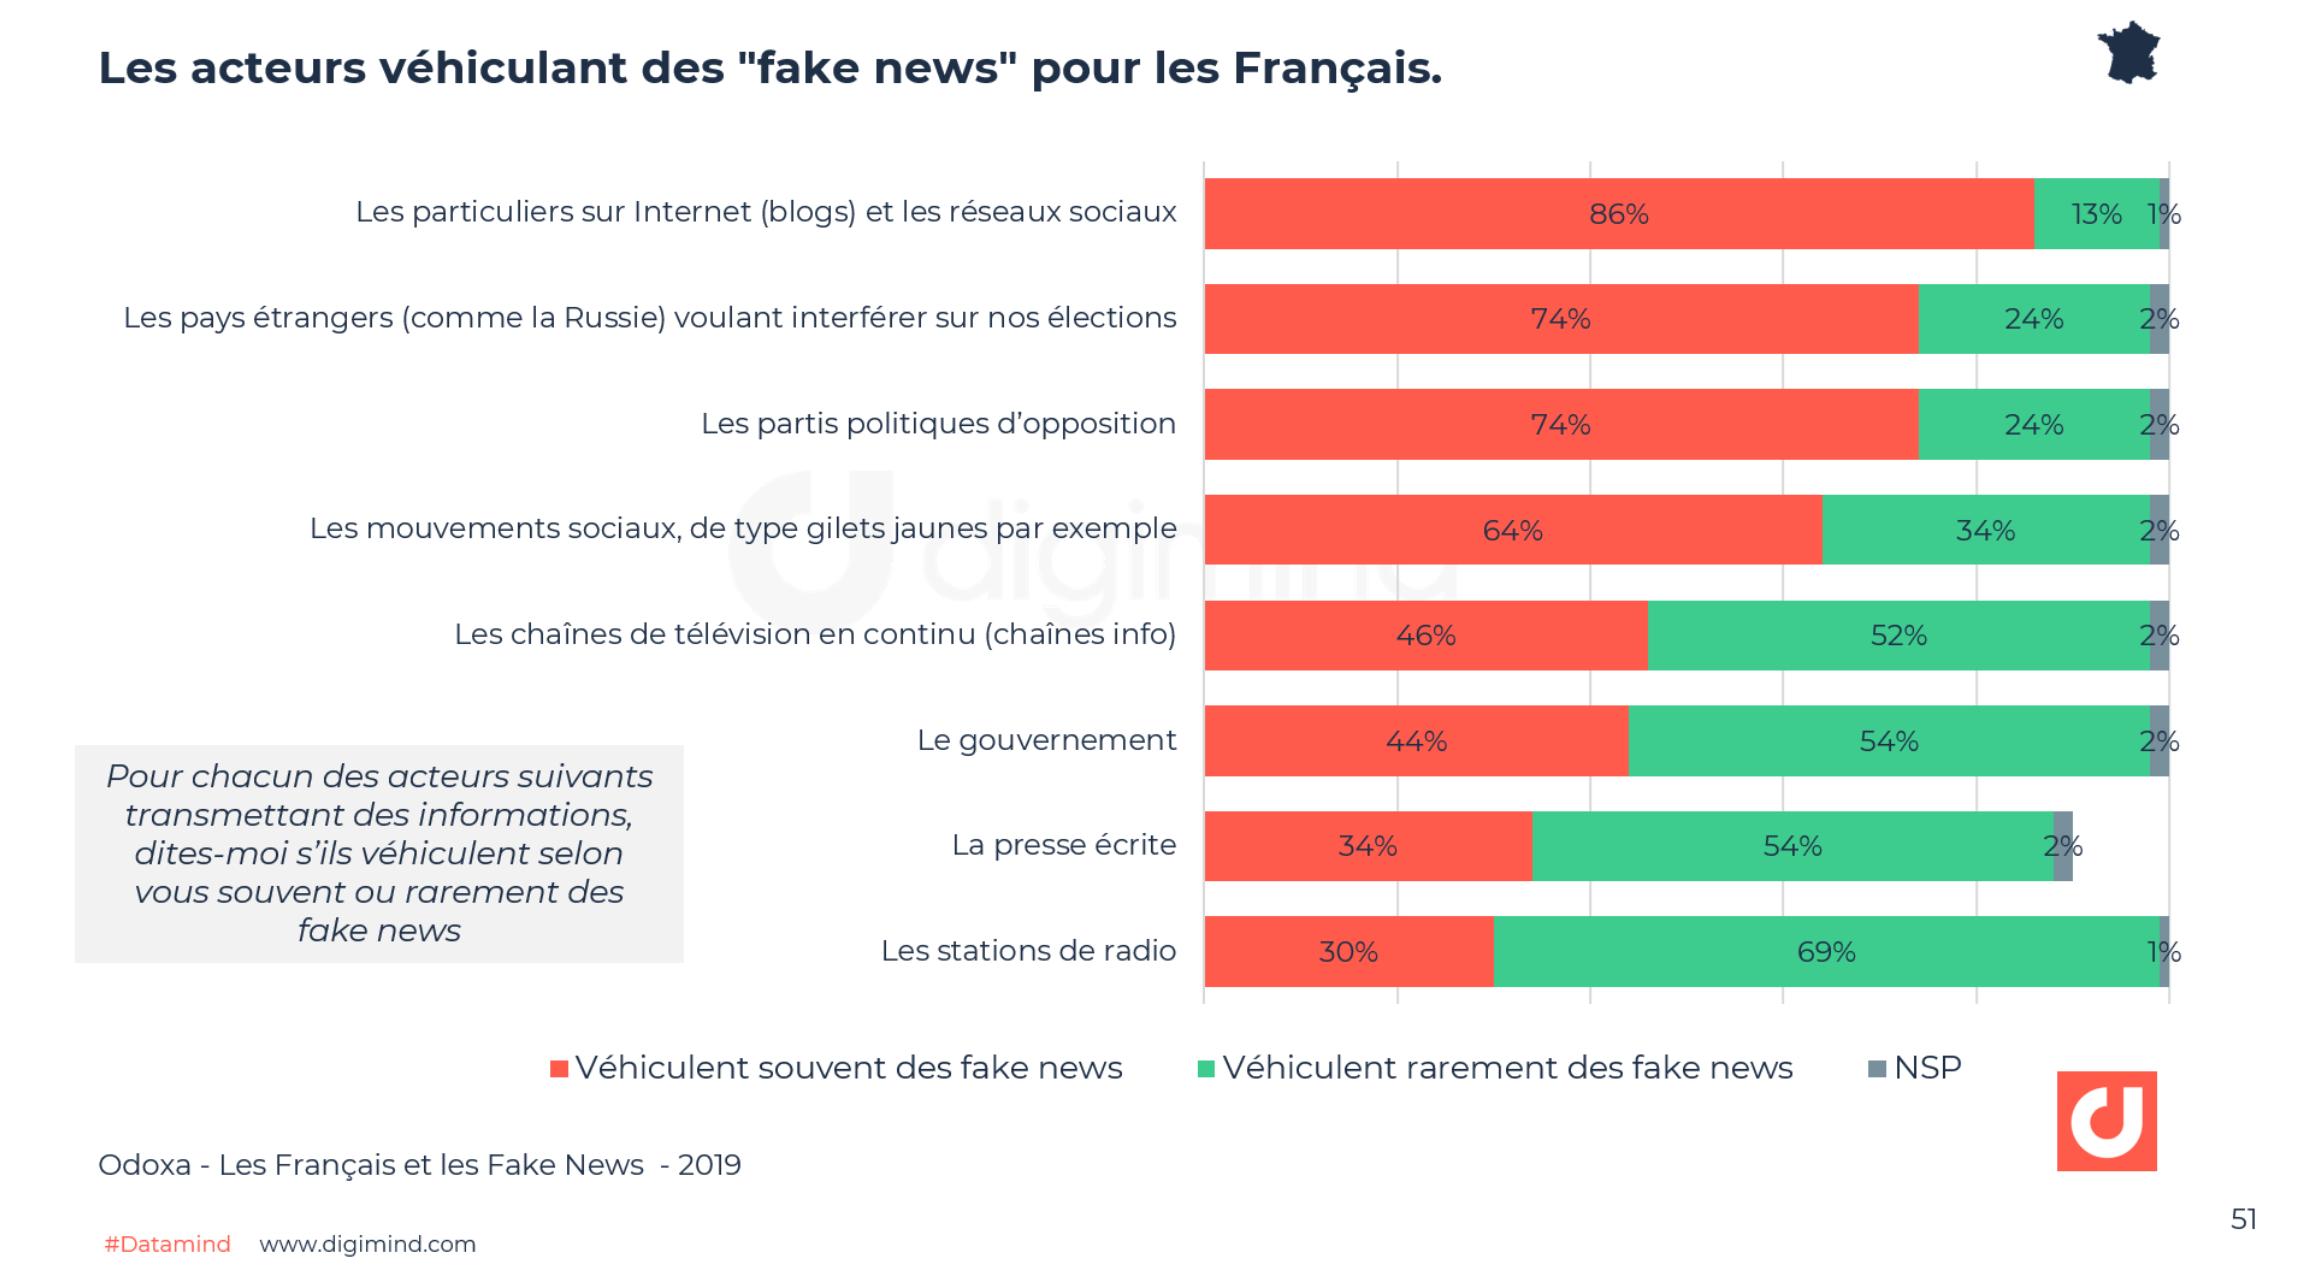 """Les acteurs véhiculant des """"fake news"""" pour les Français - Odoxa"""